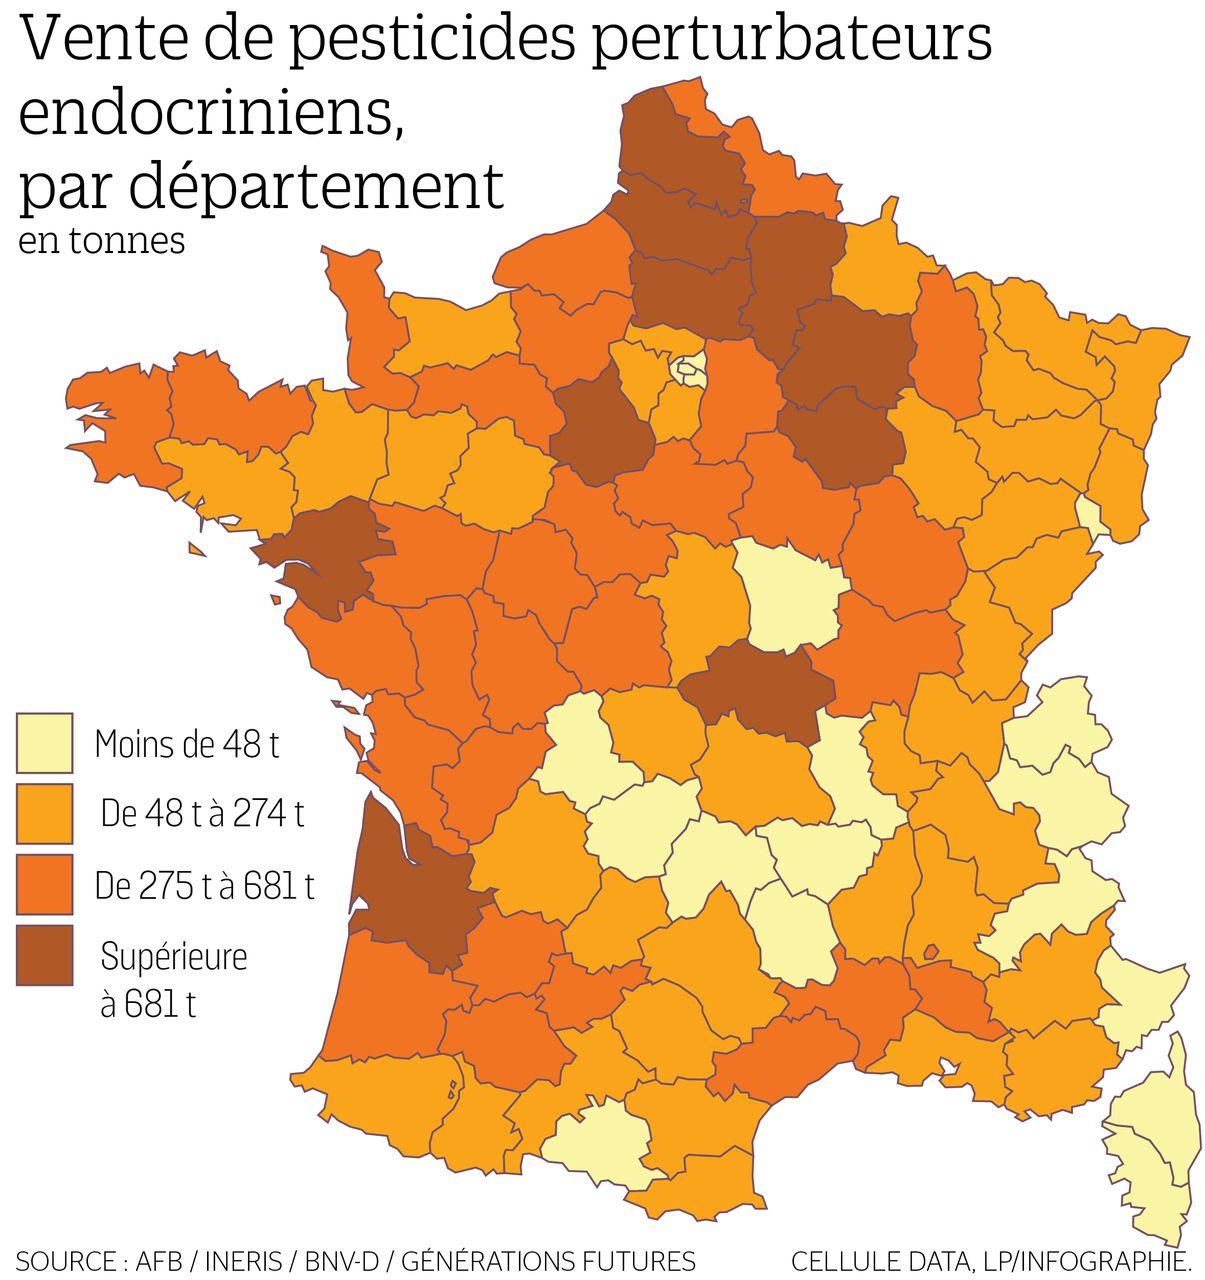 La Carte De France Des Départements Les Plus Consommateurs serapportantà Listes Des Départements Français